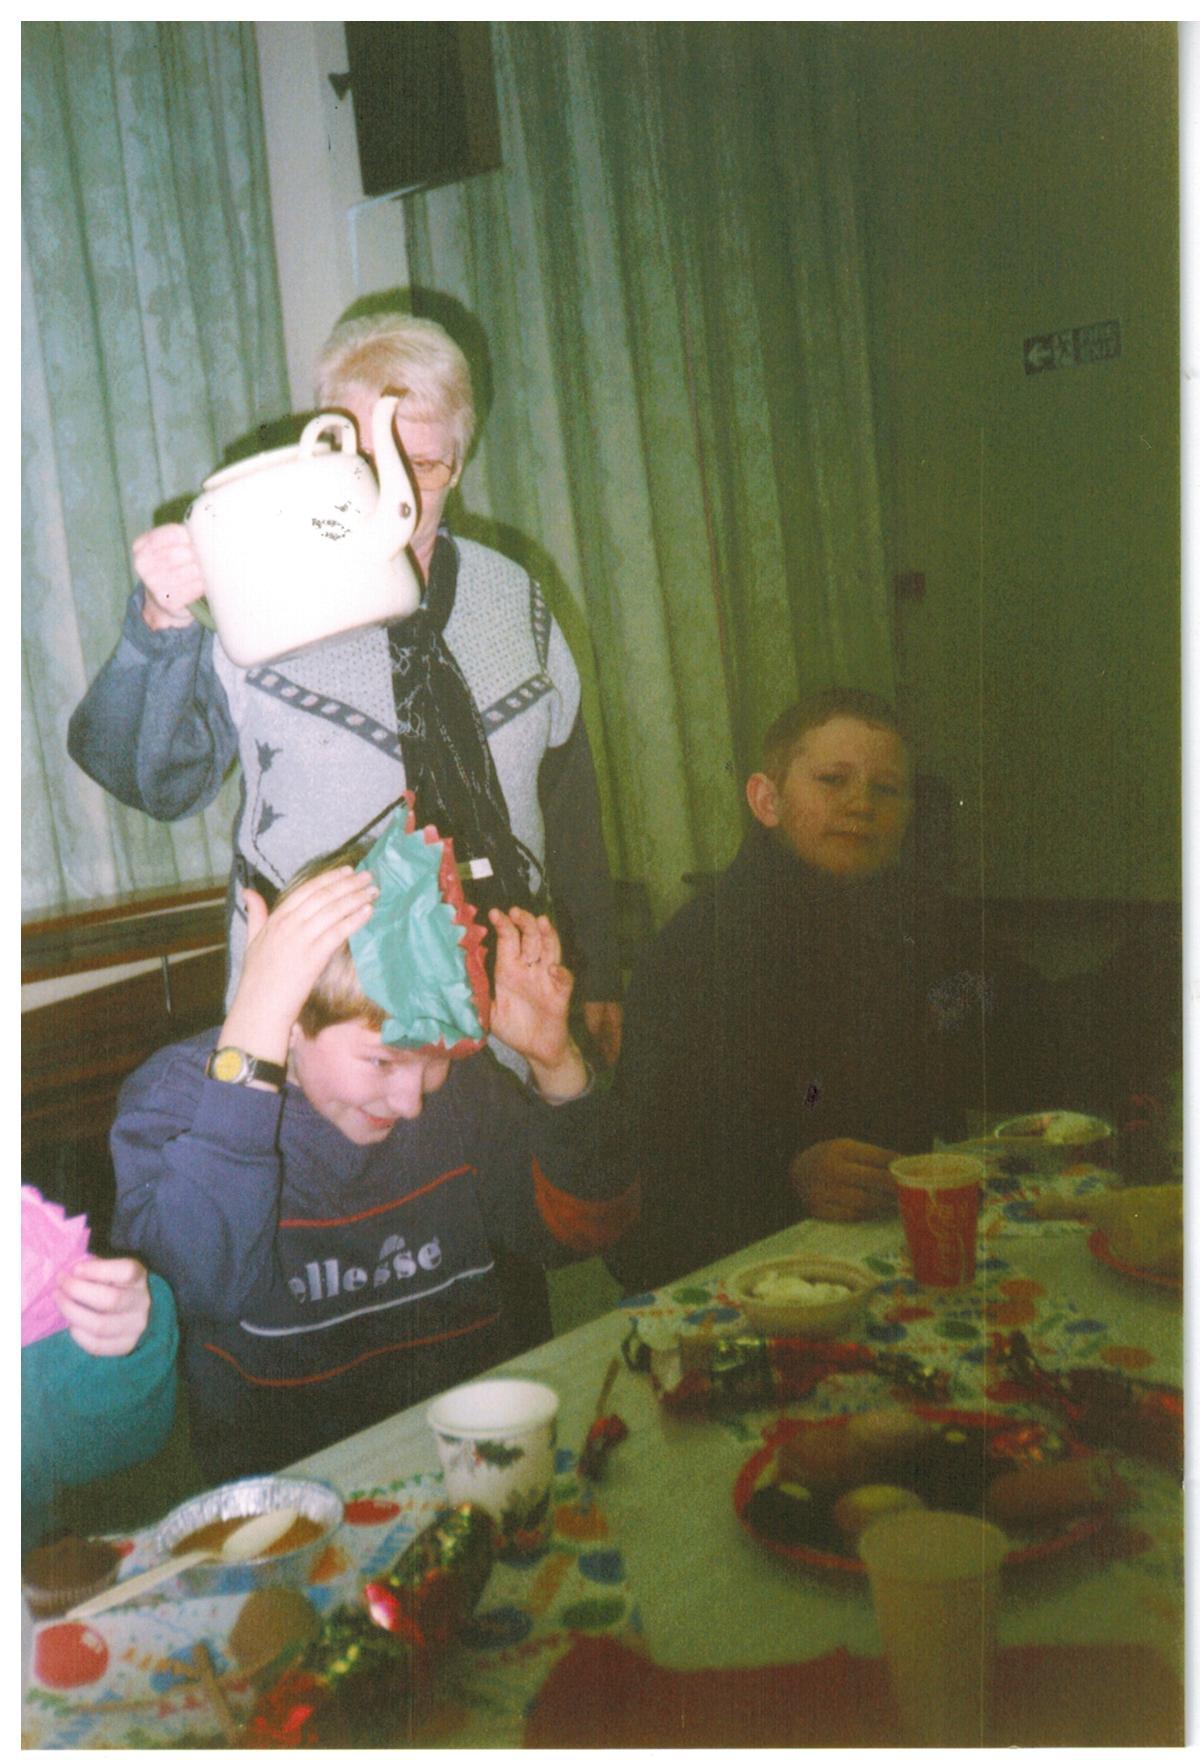 H096_Party_Jan-2000